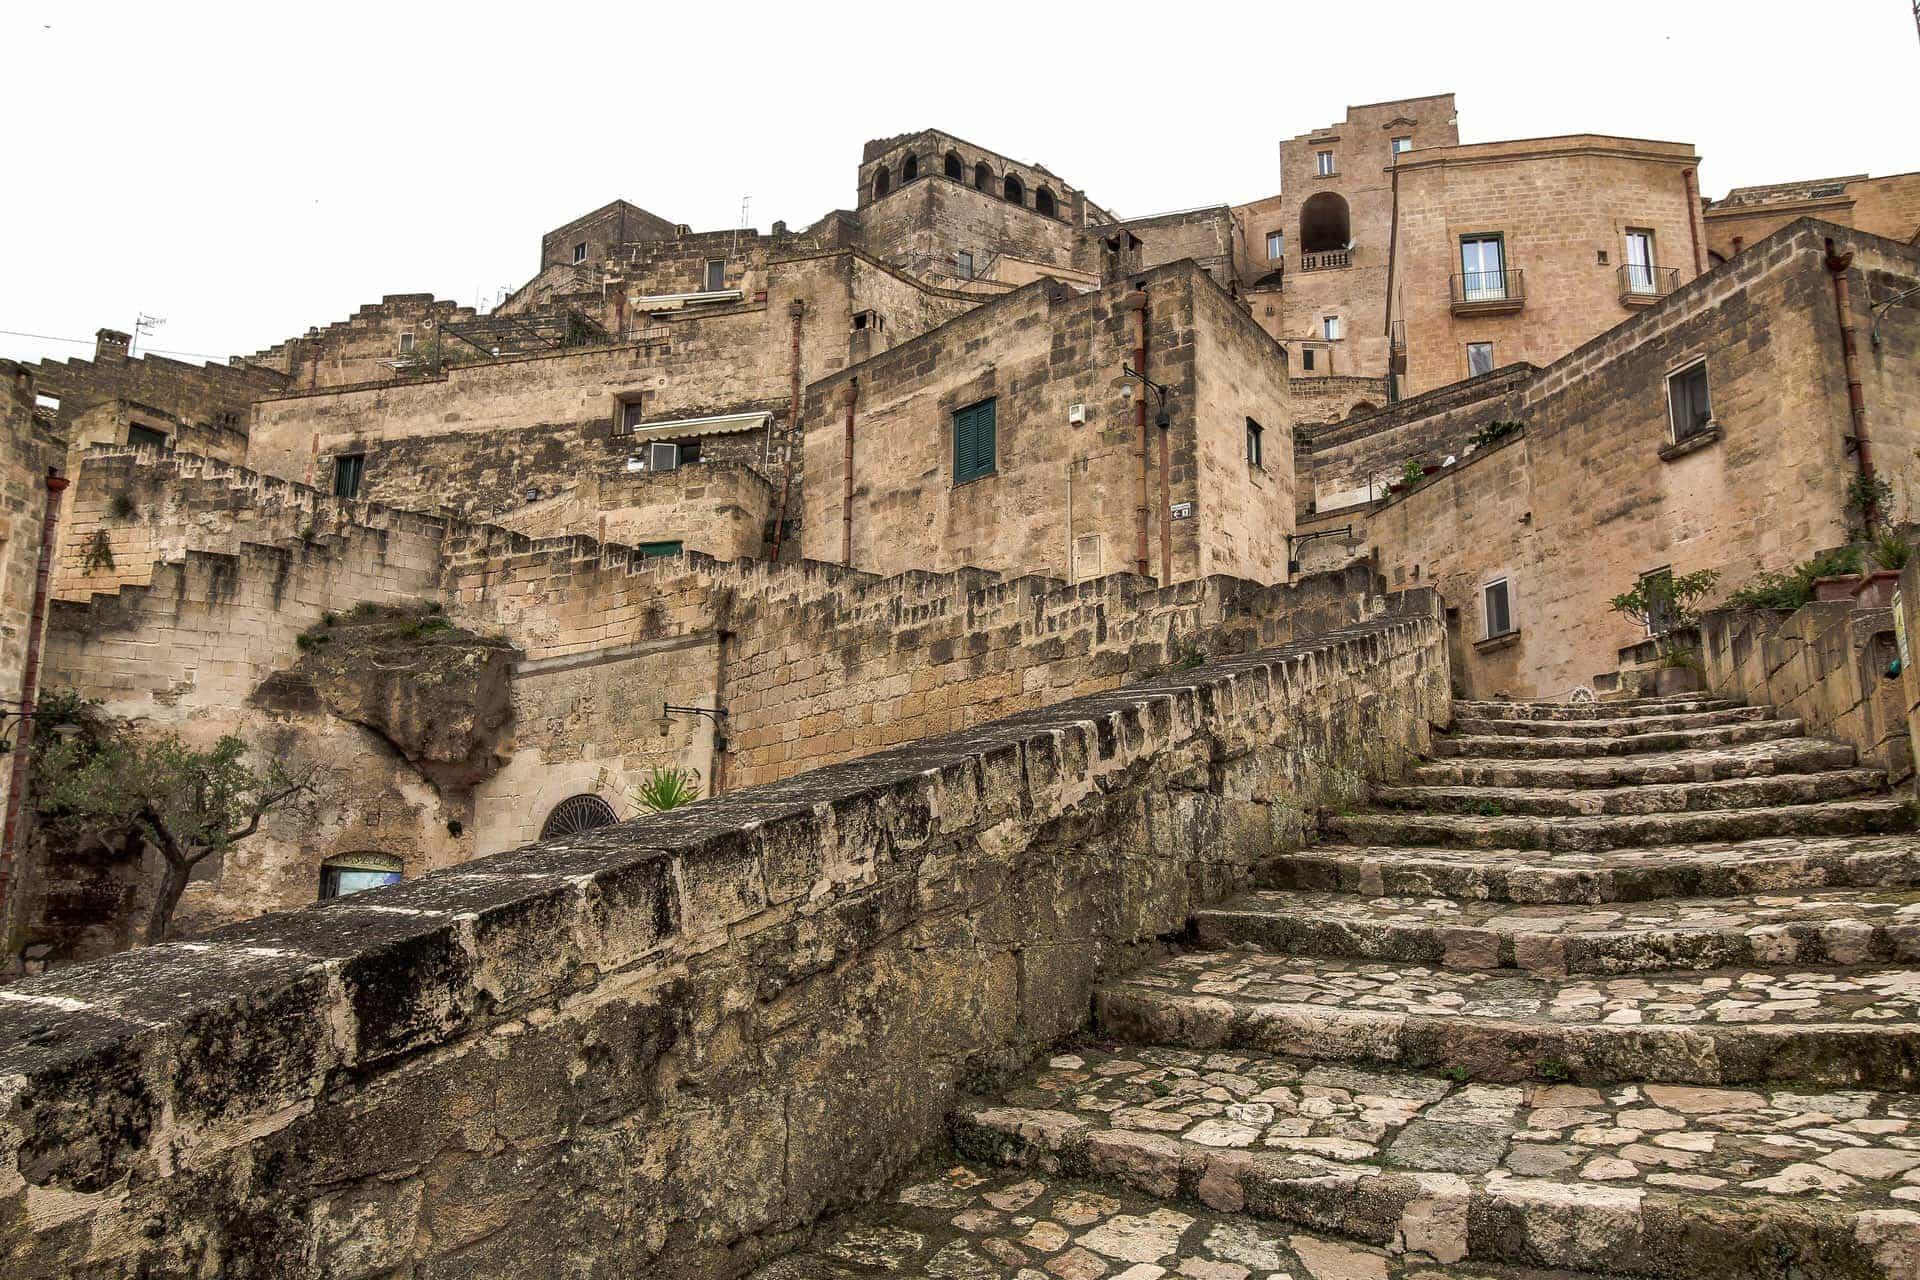 Le 5 Cose Imperdibili della Città dei Sassi, Matera 1